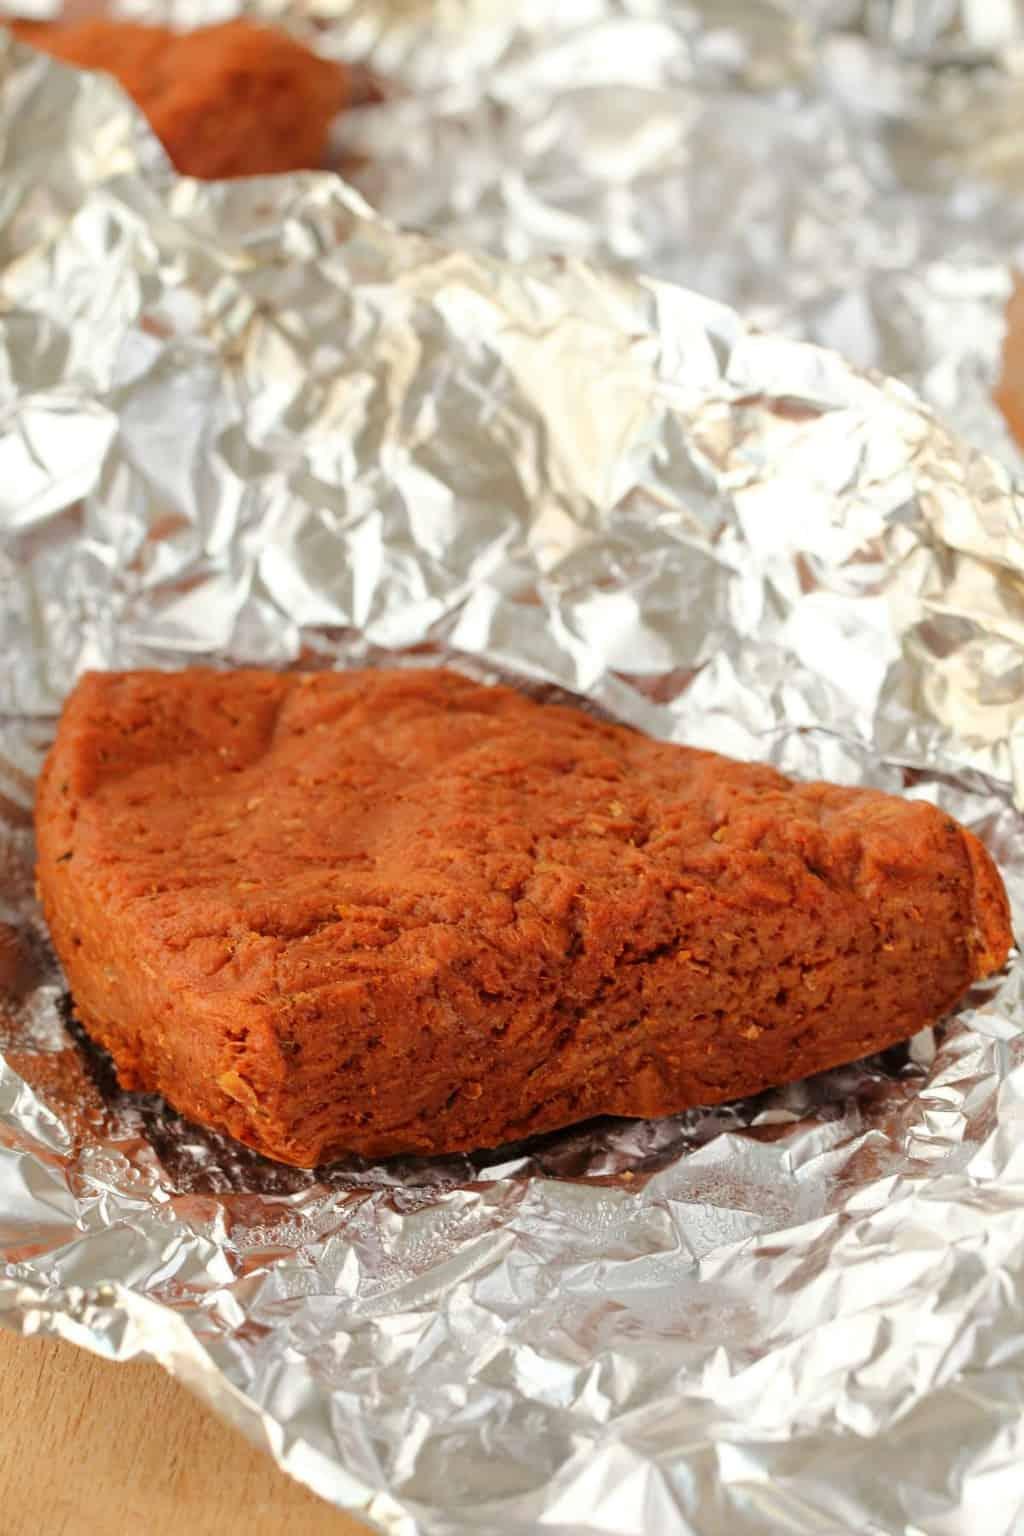 Vegan Steak in tinfoil.